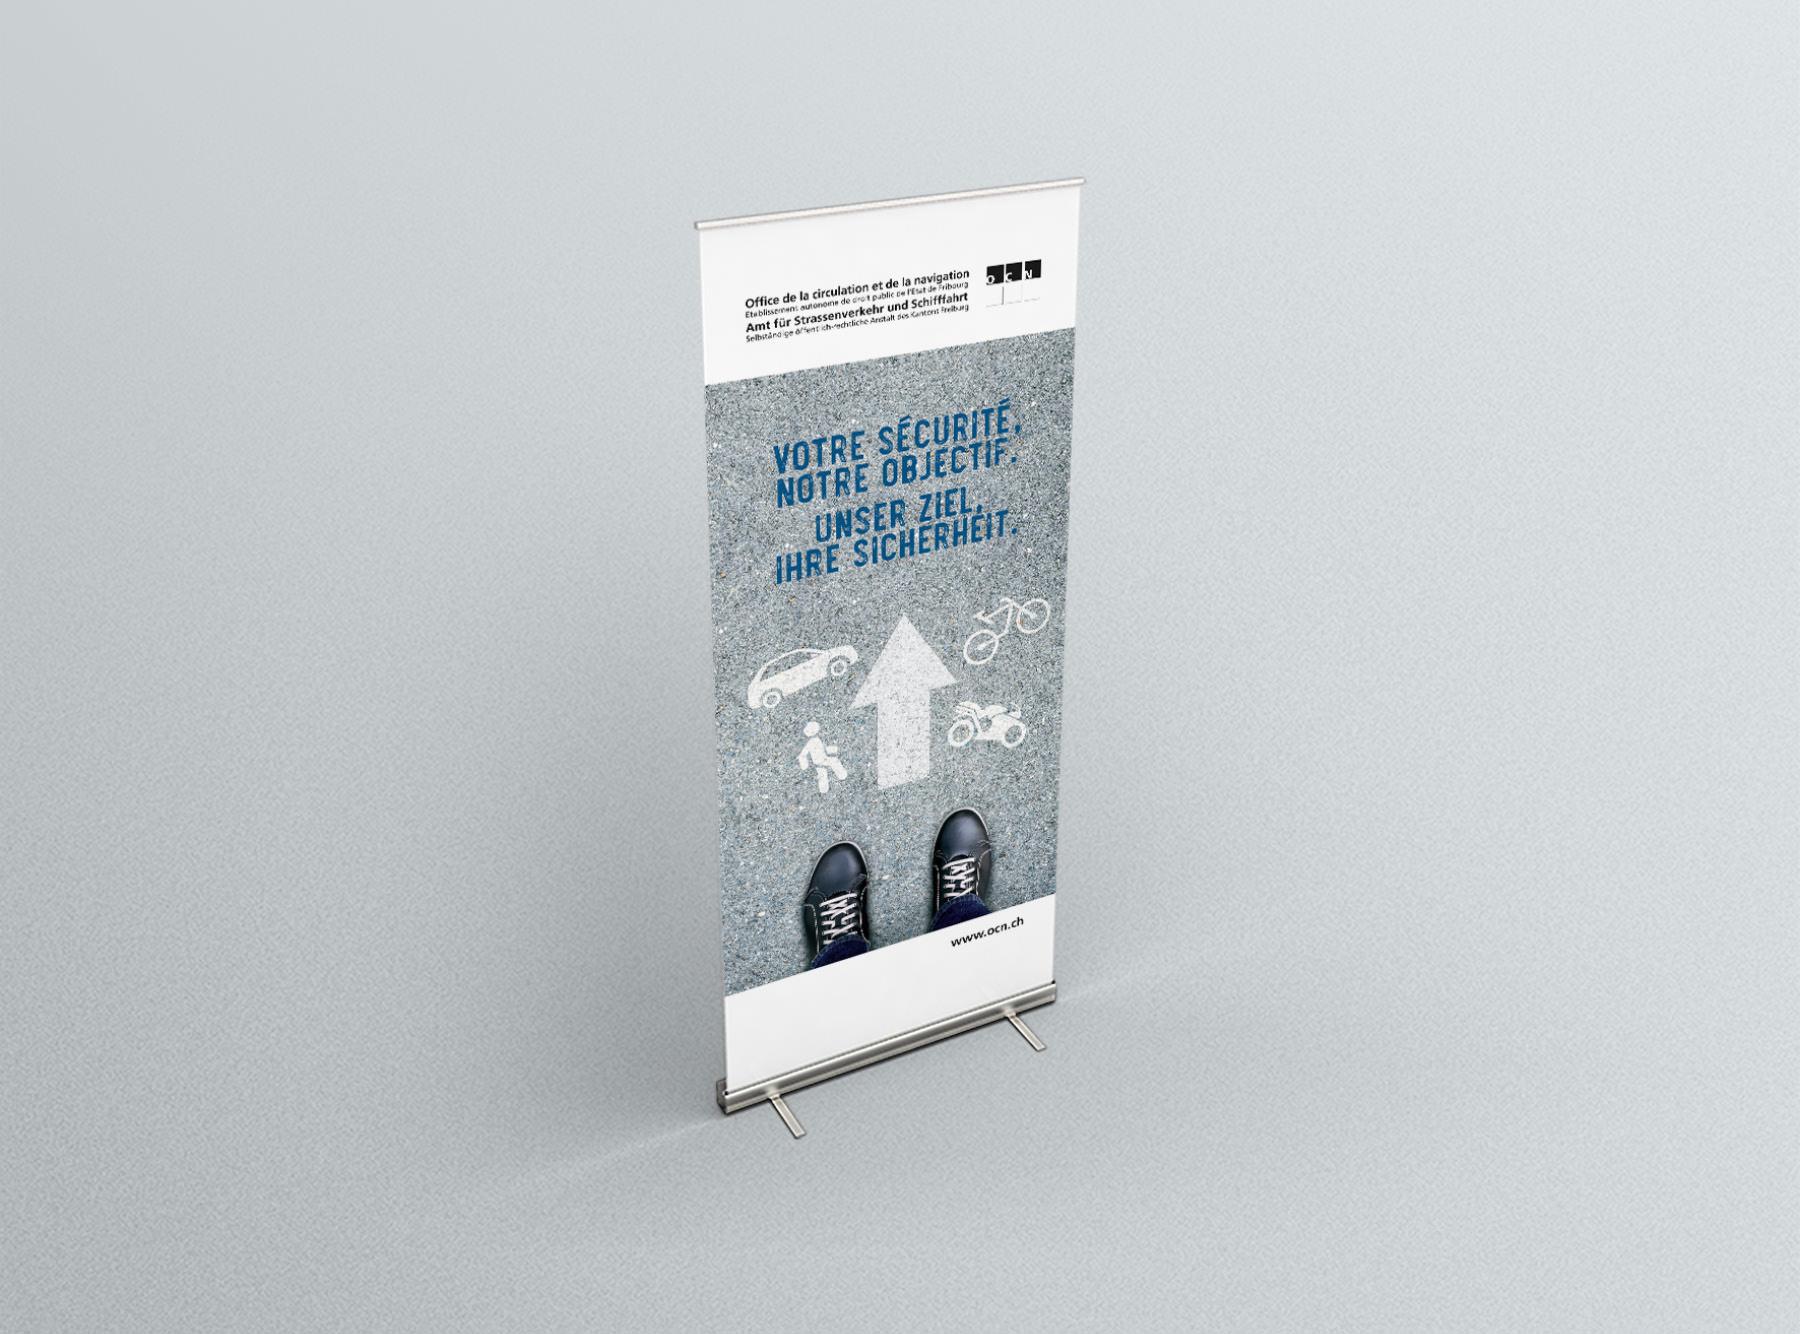 ocn rollup campagne prévention sécurité